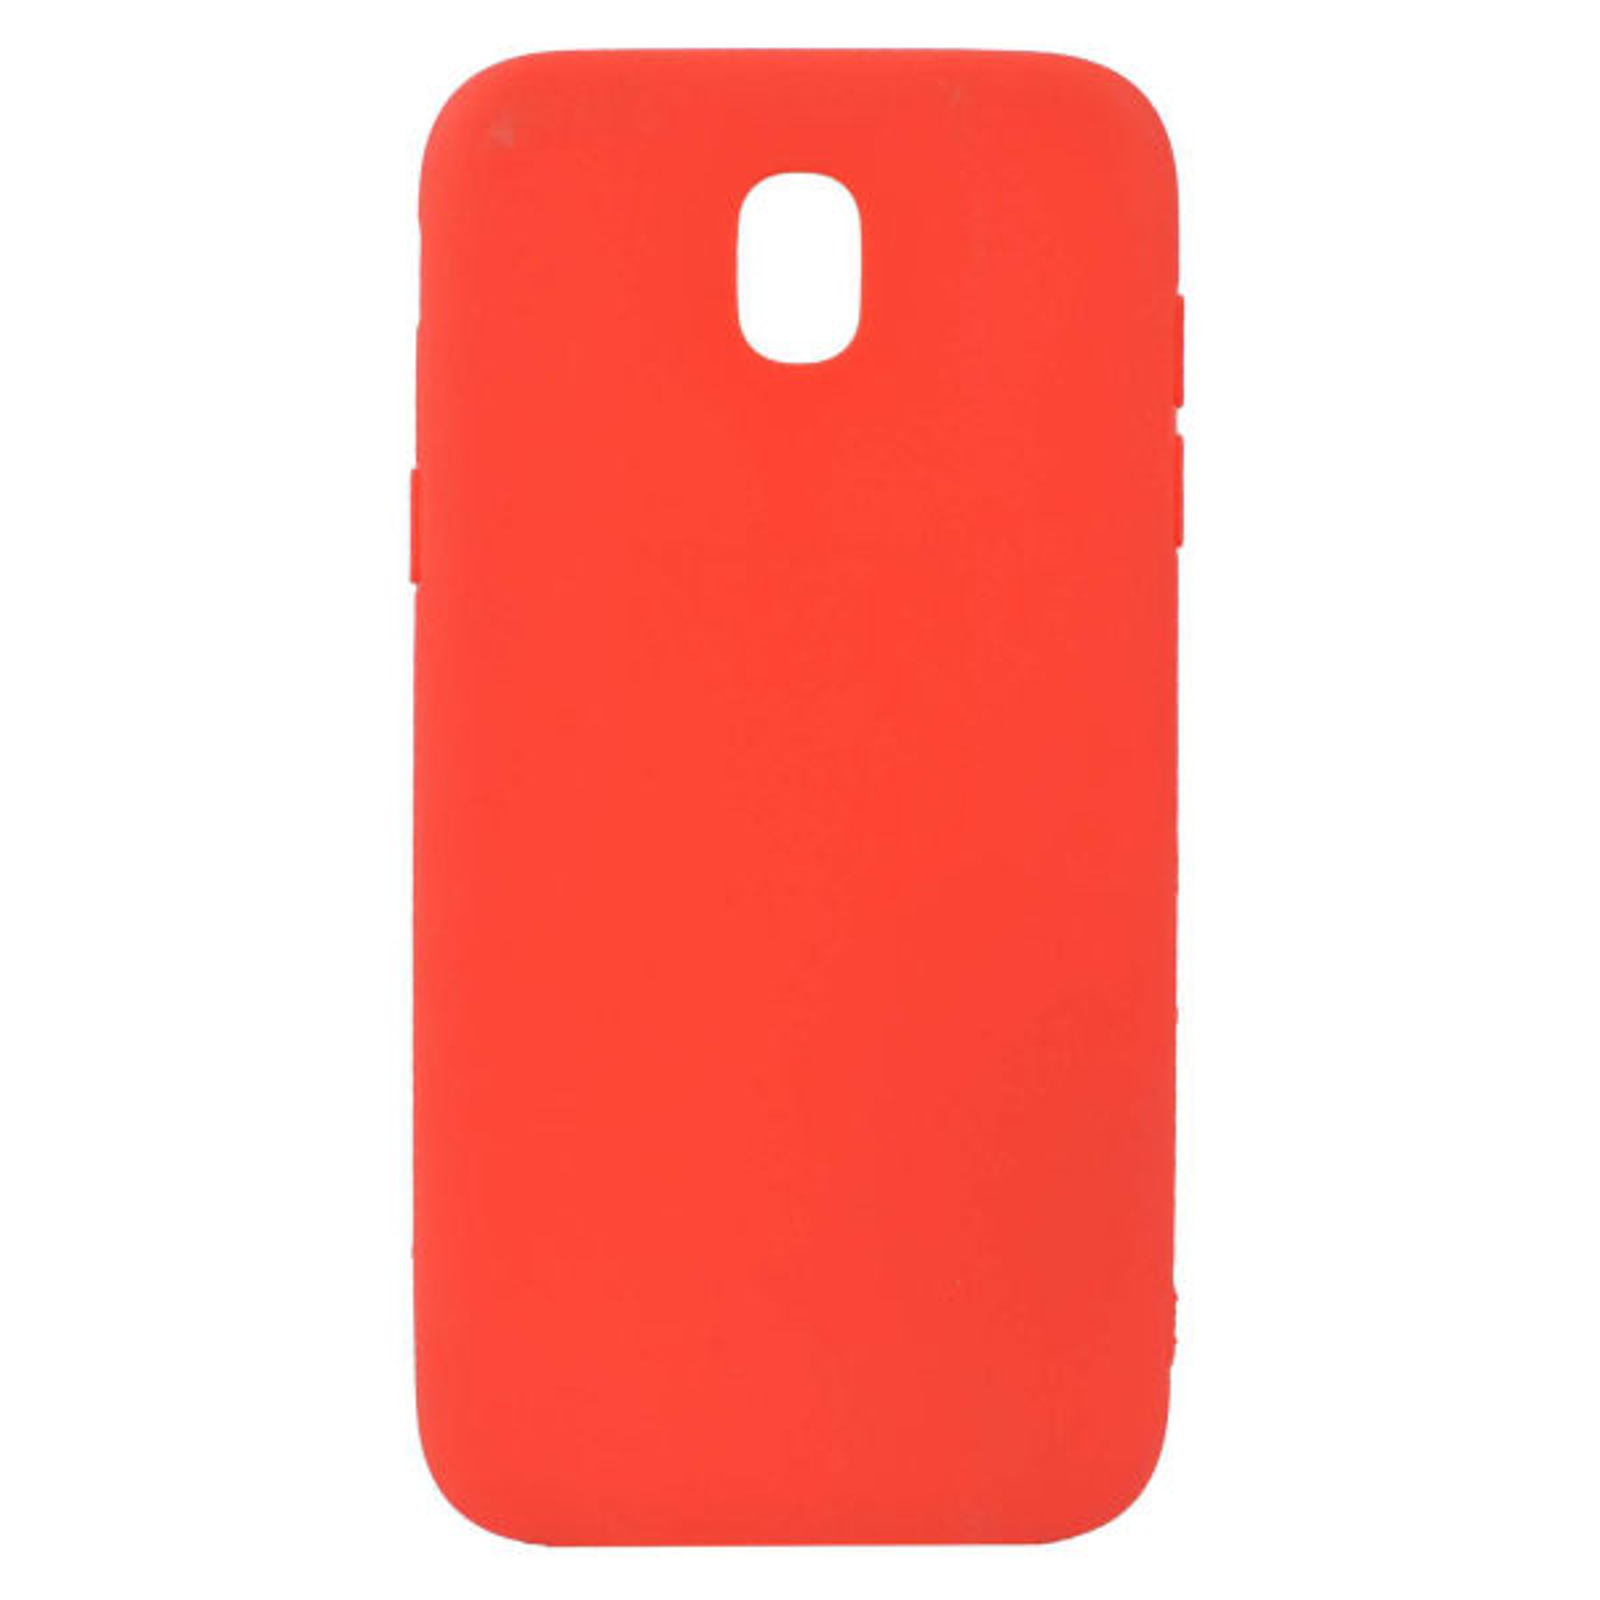 کاور مدل SLC مناسب برای گوشی موبایل سامسونگ Galaxy j5 Pro